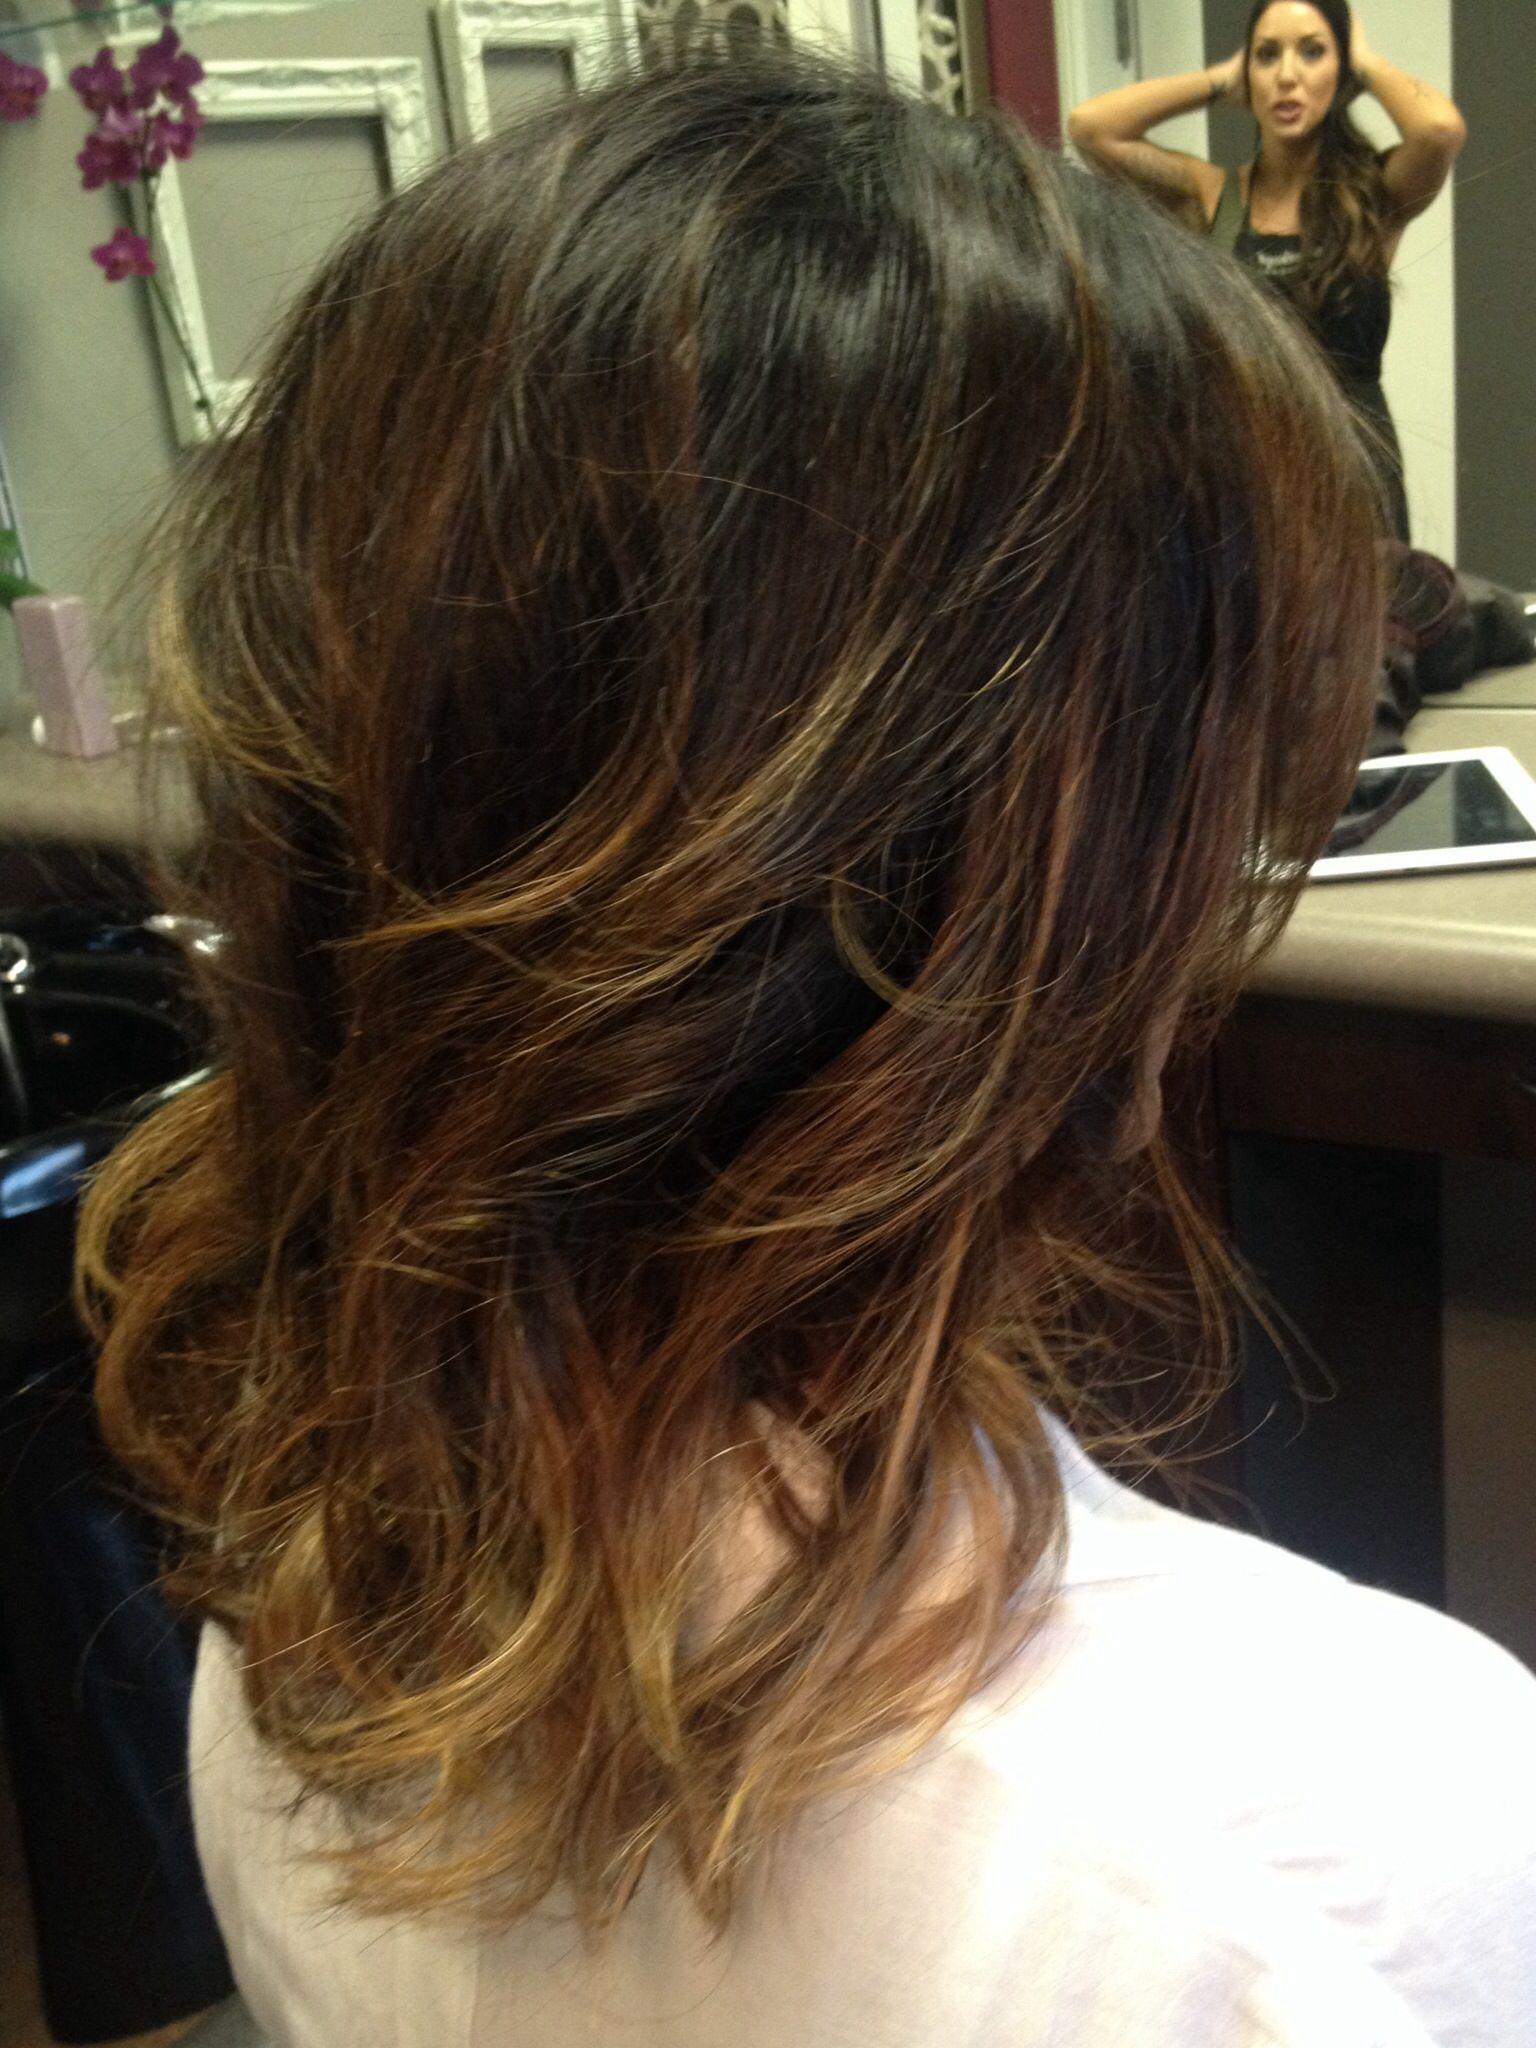 short shoulder length ombre hair. stella salon in sacramento